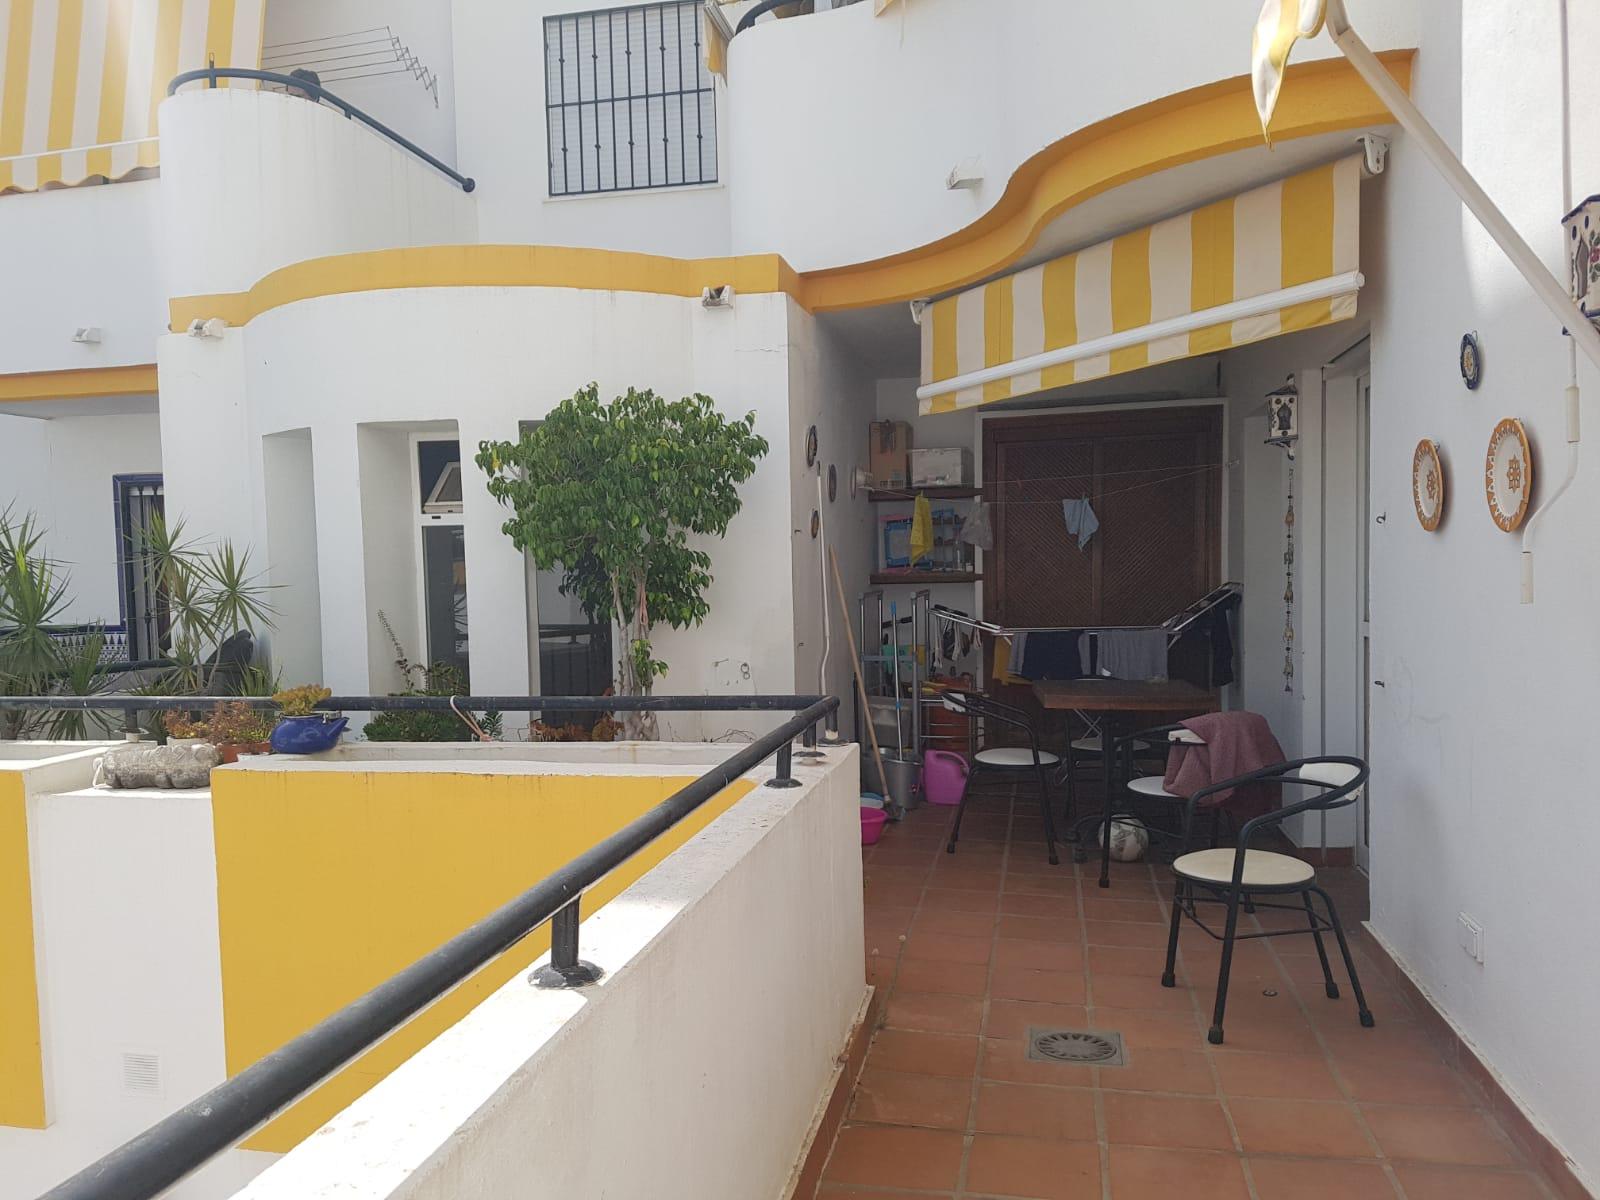 San Pedro Cantro. Piso de 2 dormitorios en alquiler de larga temporada